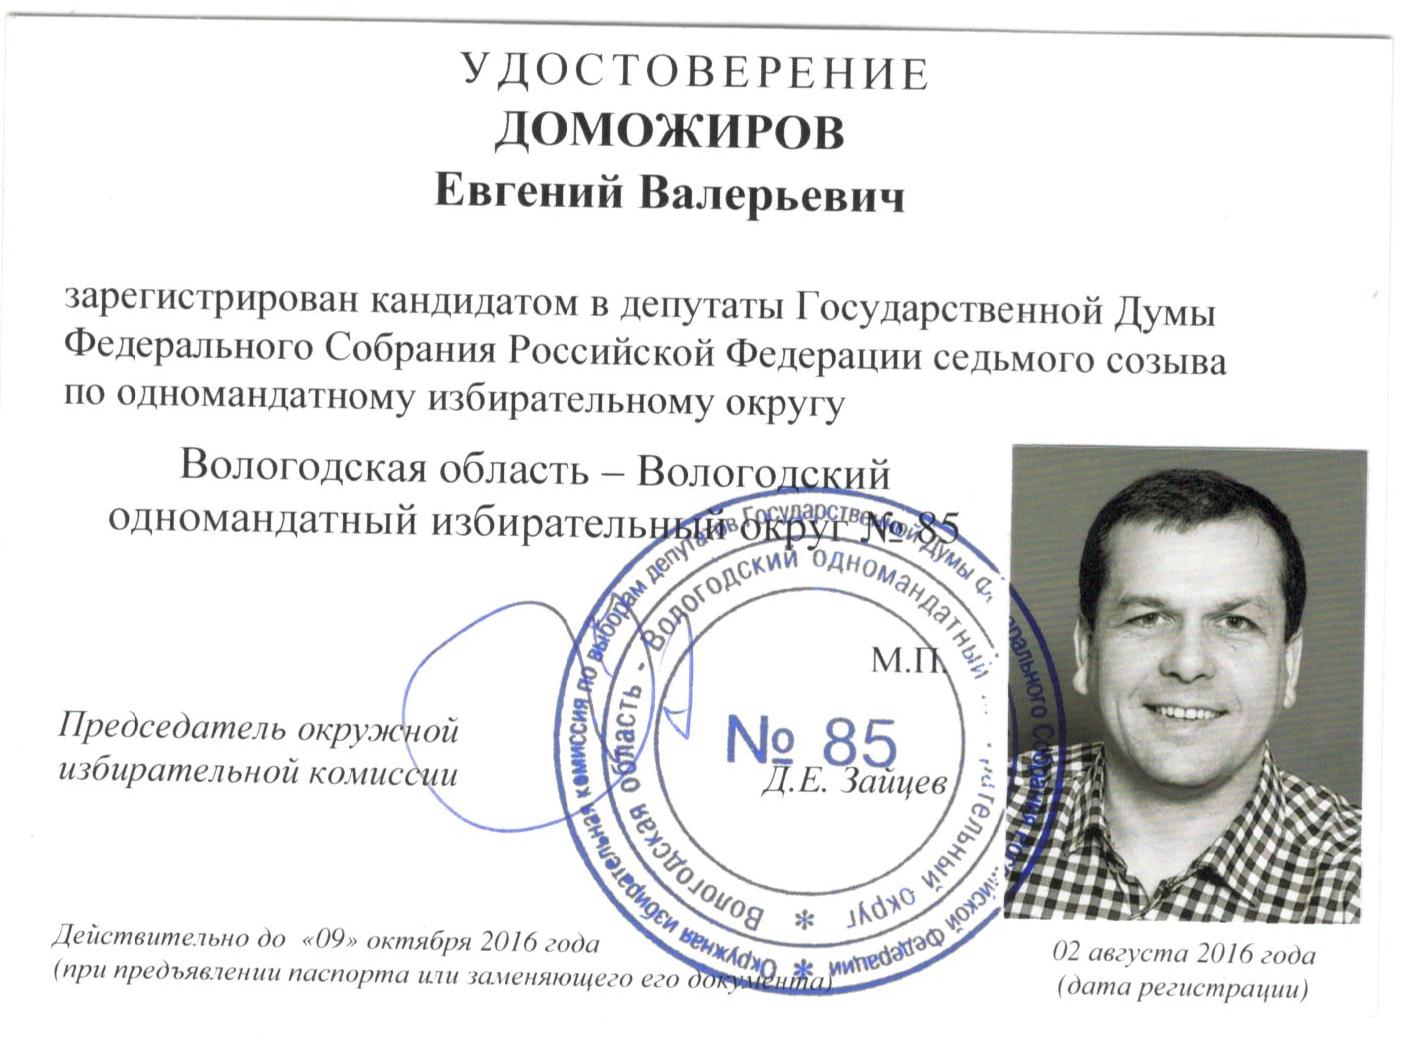 О том как каждый может помочь независимому кандидату в Госдуму